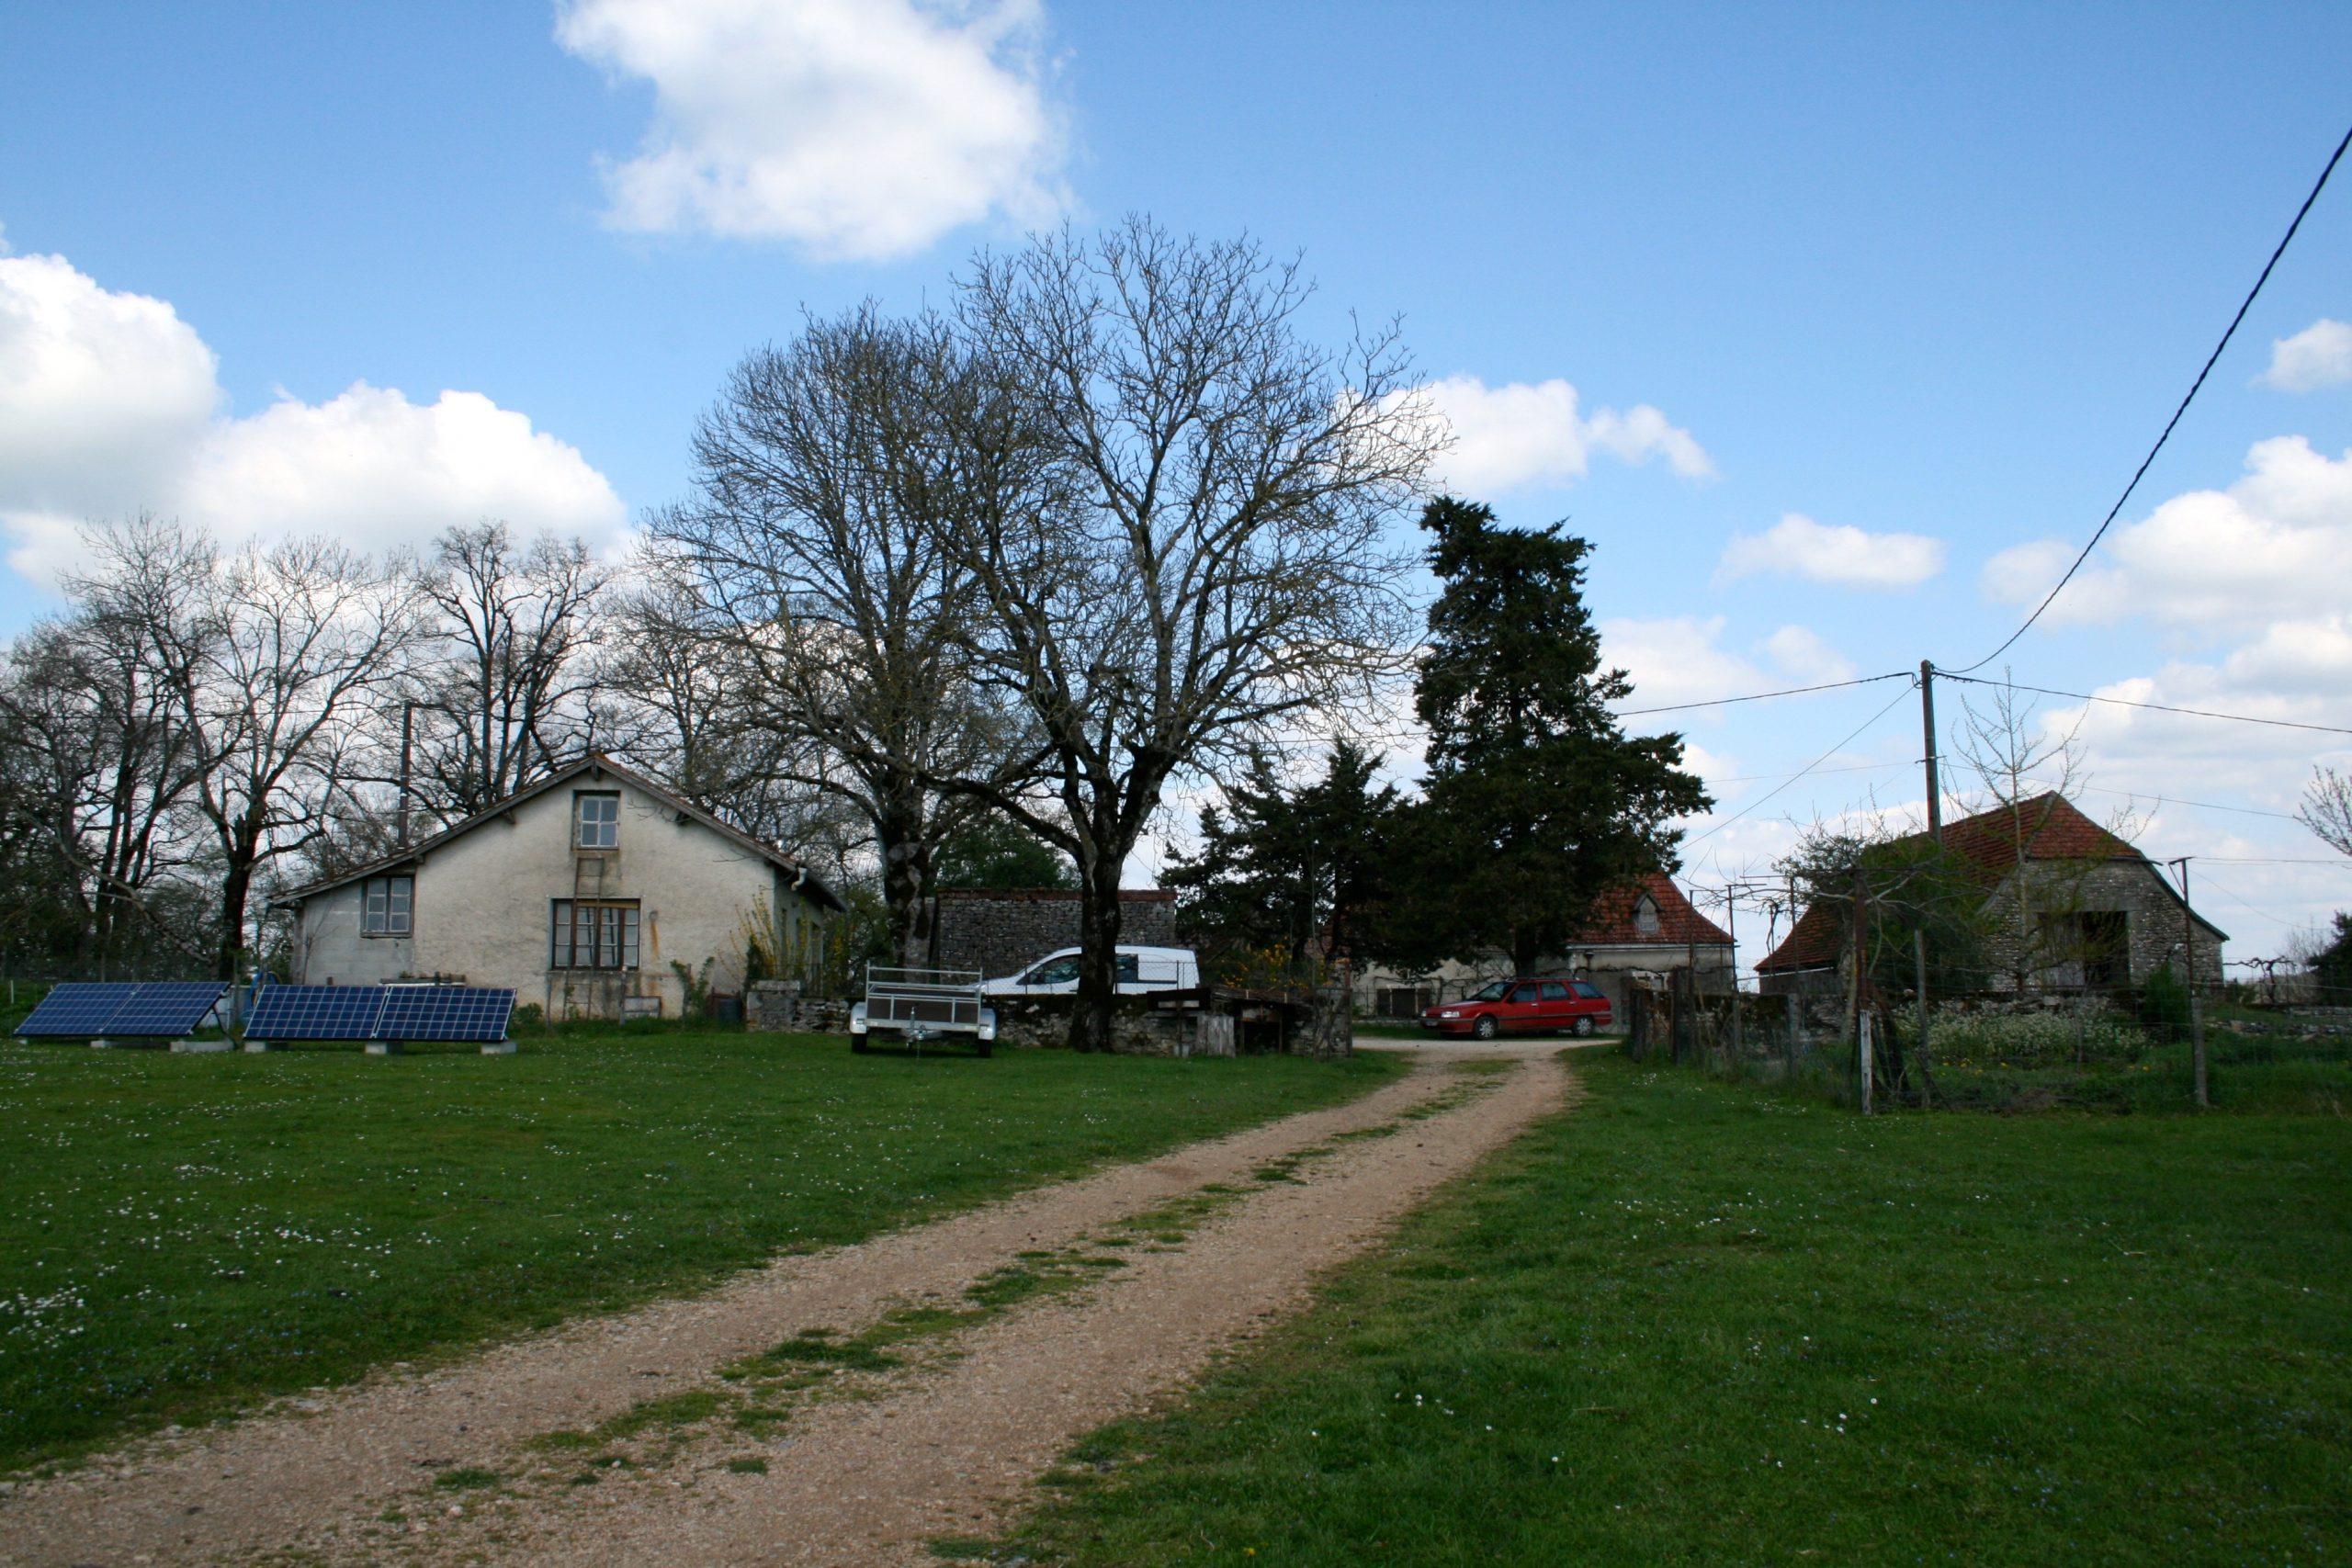 Maison d'habitation et moulin